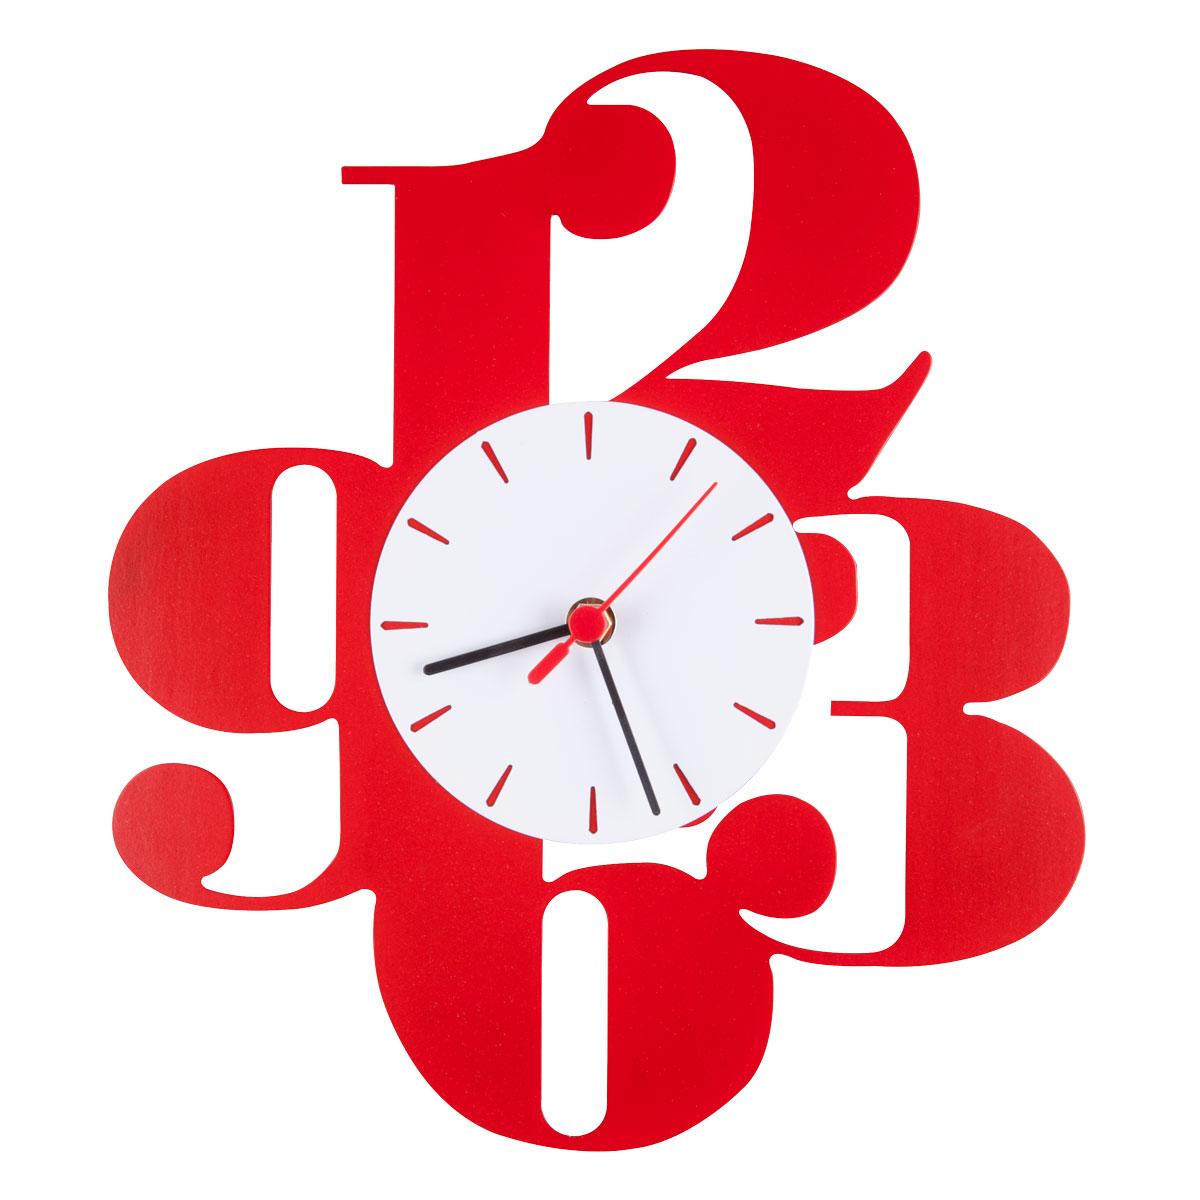 Часы настенные Miolla Цифры, цвет: красныйCH013Оригинальные настенные часы круглой формы выполнены из стали. Часы имеют три стрелки - часовую, минутную и секундную и циферблат с цифрами. Необычное дизайнерское решение и качество исполнения придутся по вкусу каждому. Часы работают от 1 батарейки типа АА напряжением 1,5 В.